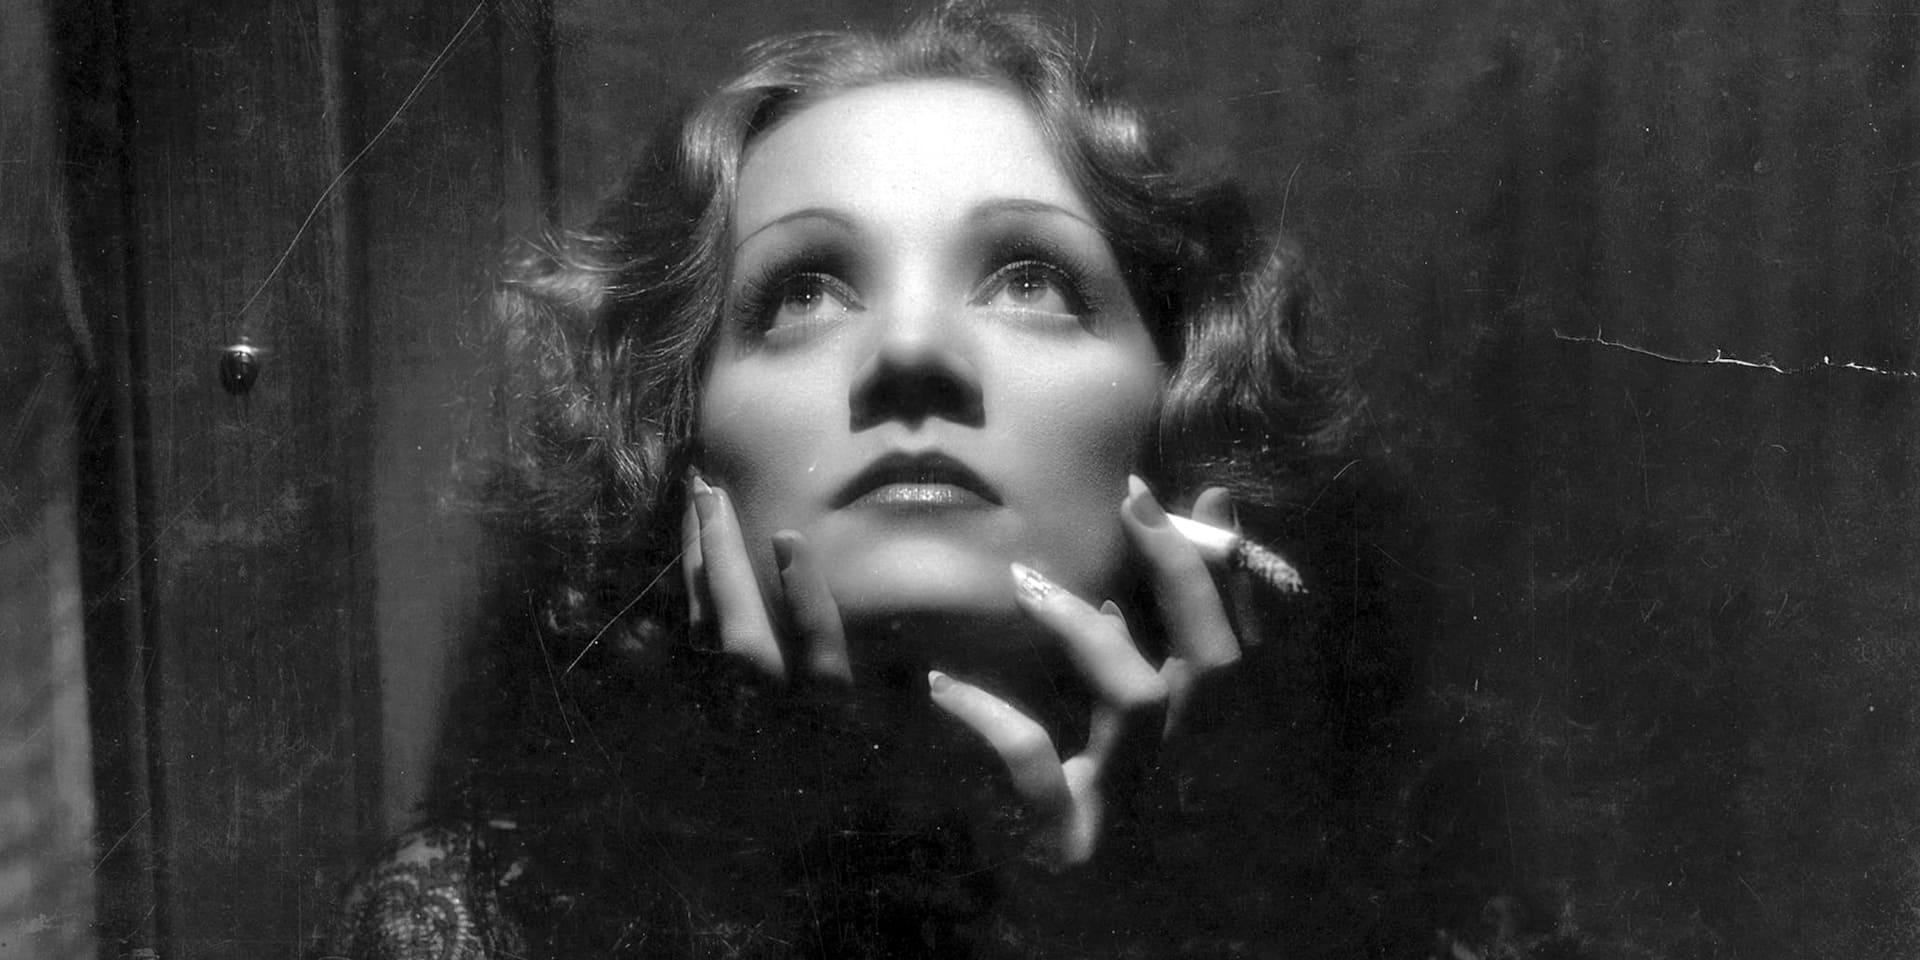 """Marlene Dietrich, au sommet de sa beauté et de son mystère dans """"Shanghai Express"""" de Josef von Sternberg en 1932."""